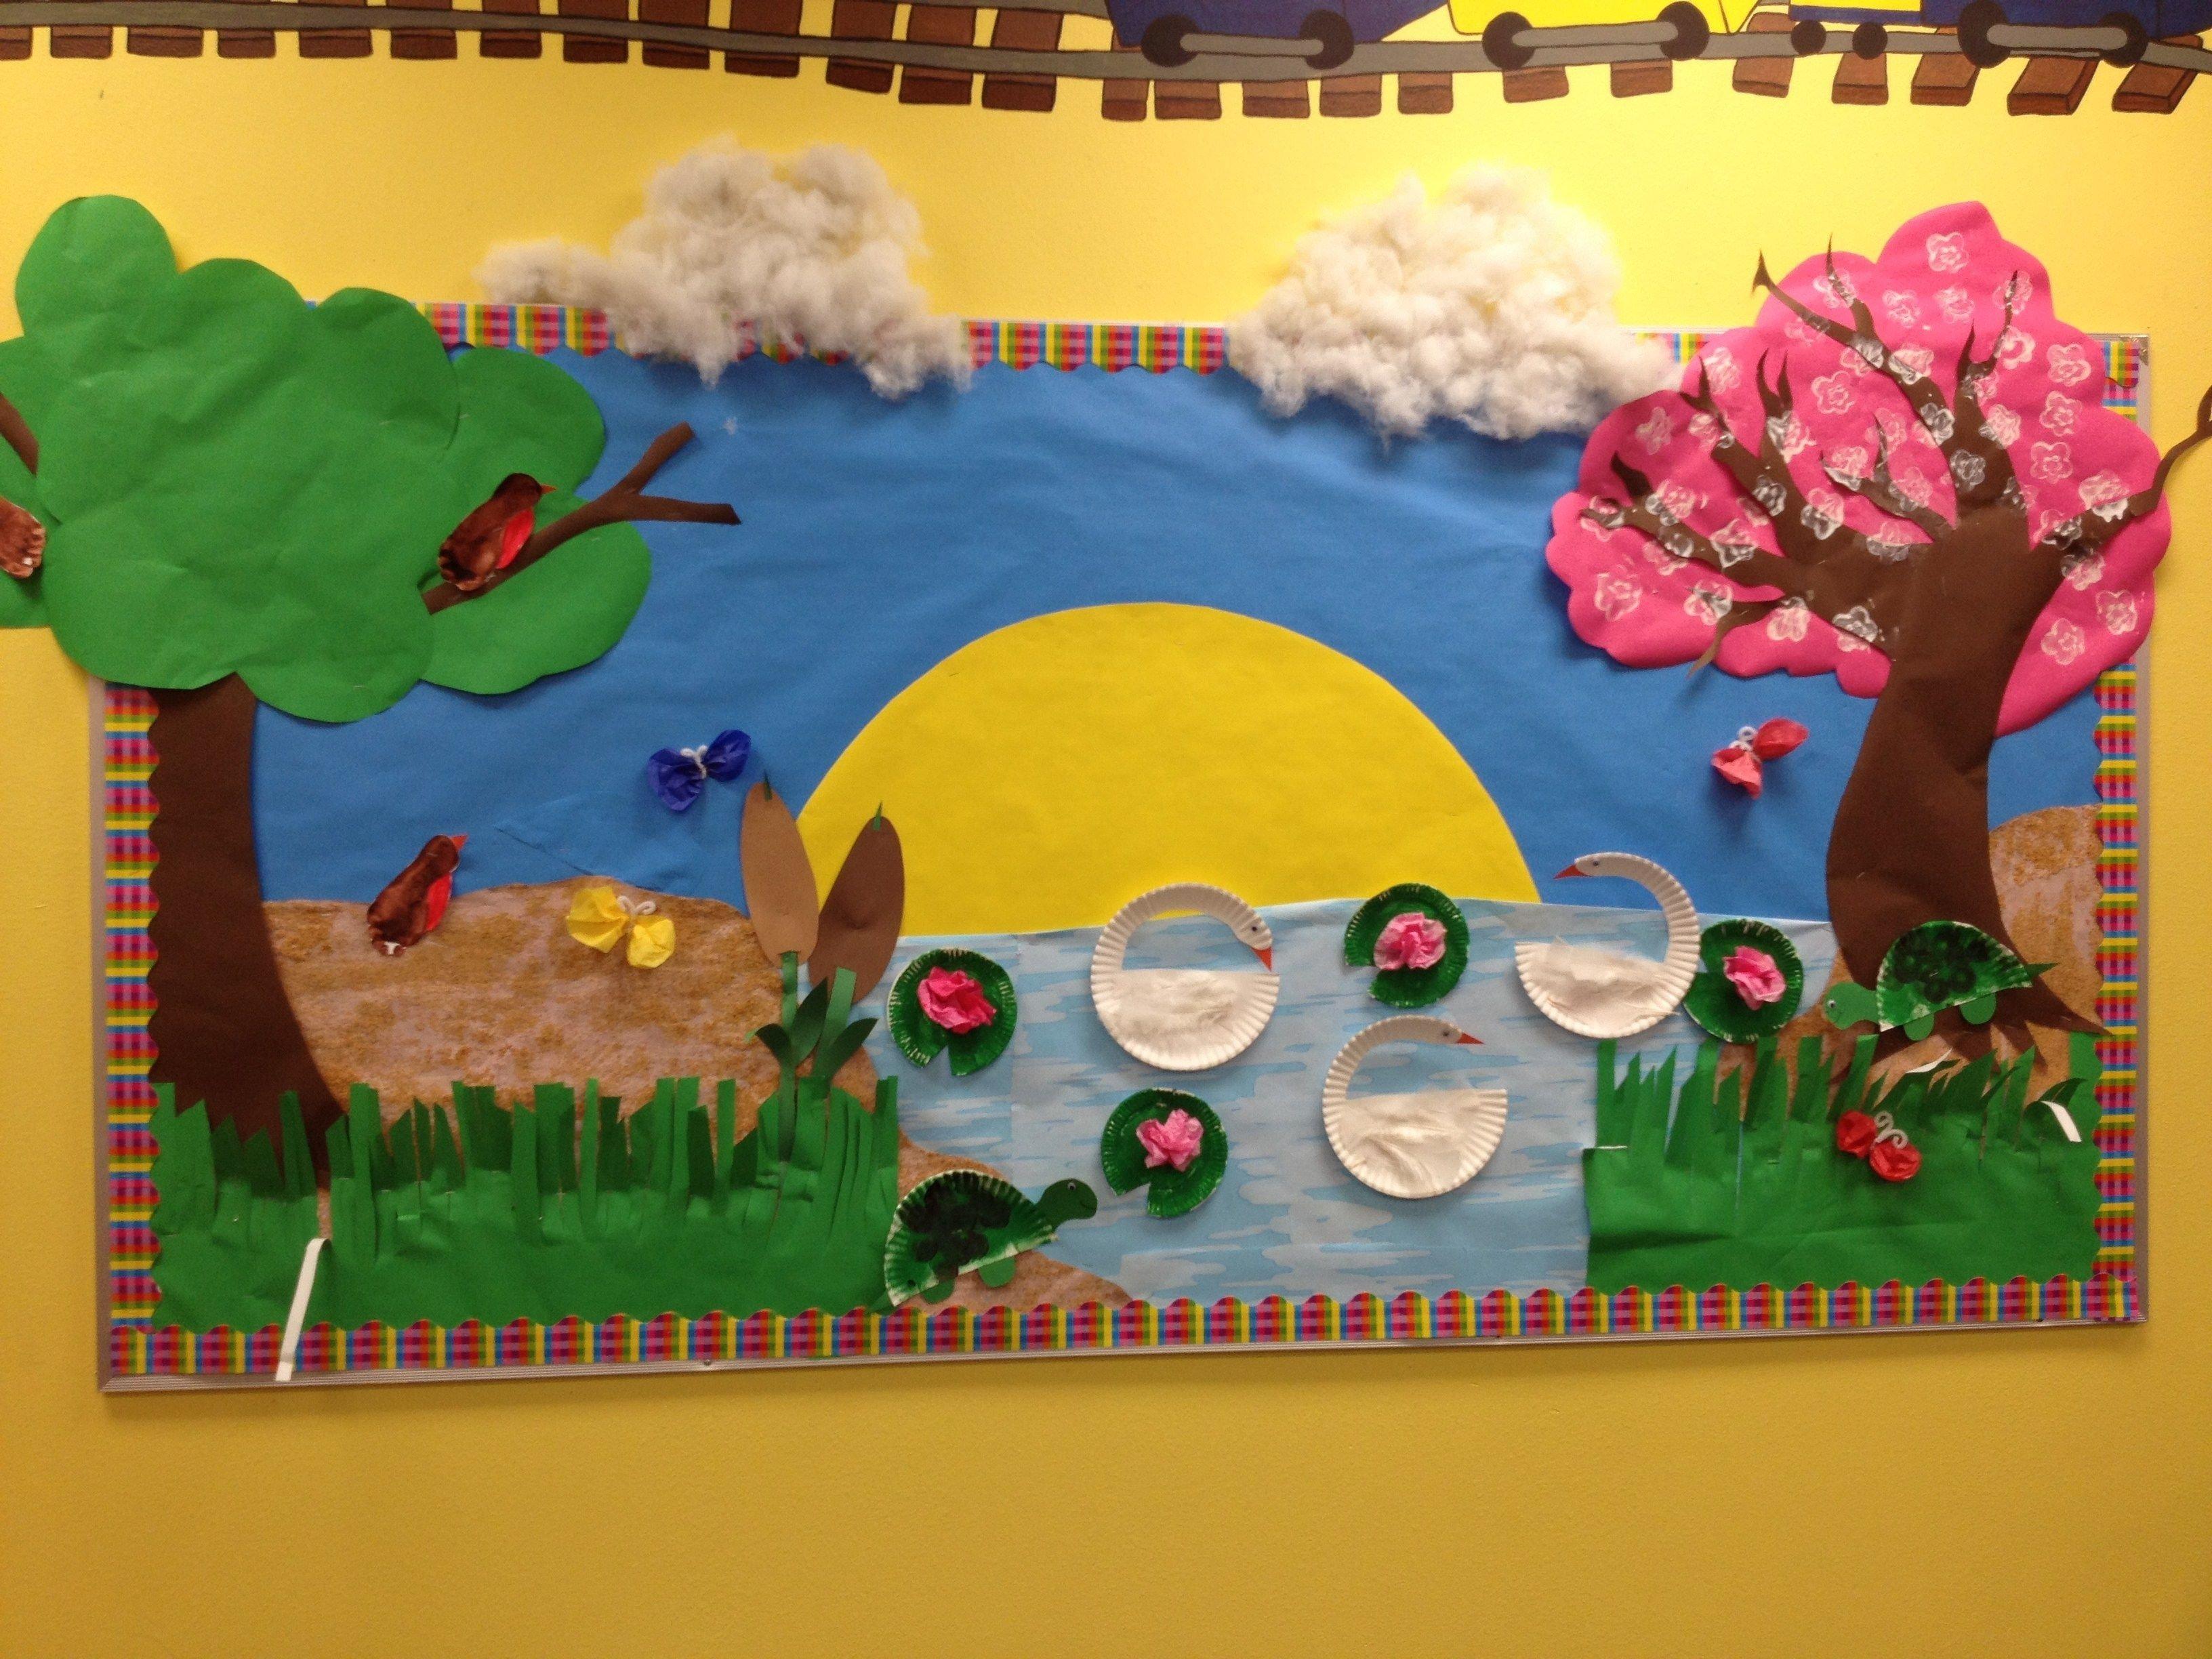 10 Lovable Preschool Spring Bulletin Board Ideas img 0999 3264x2448 pixels bulliten boards pinterest 2020